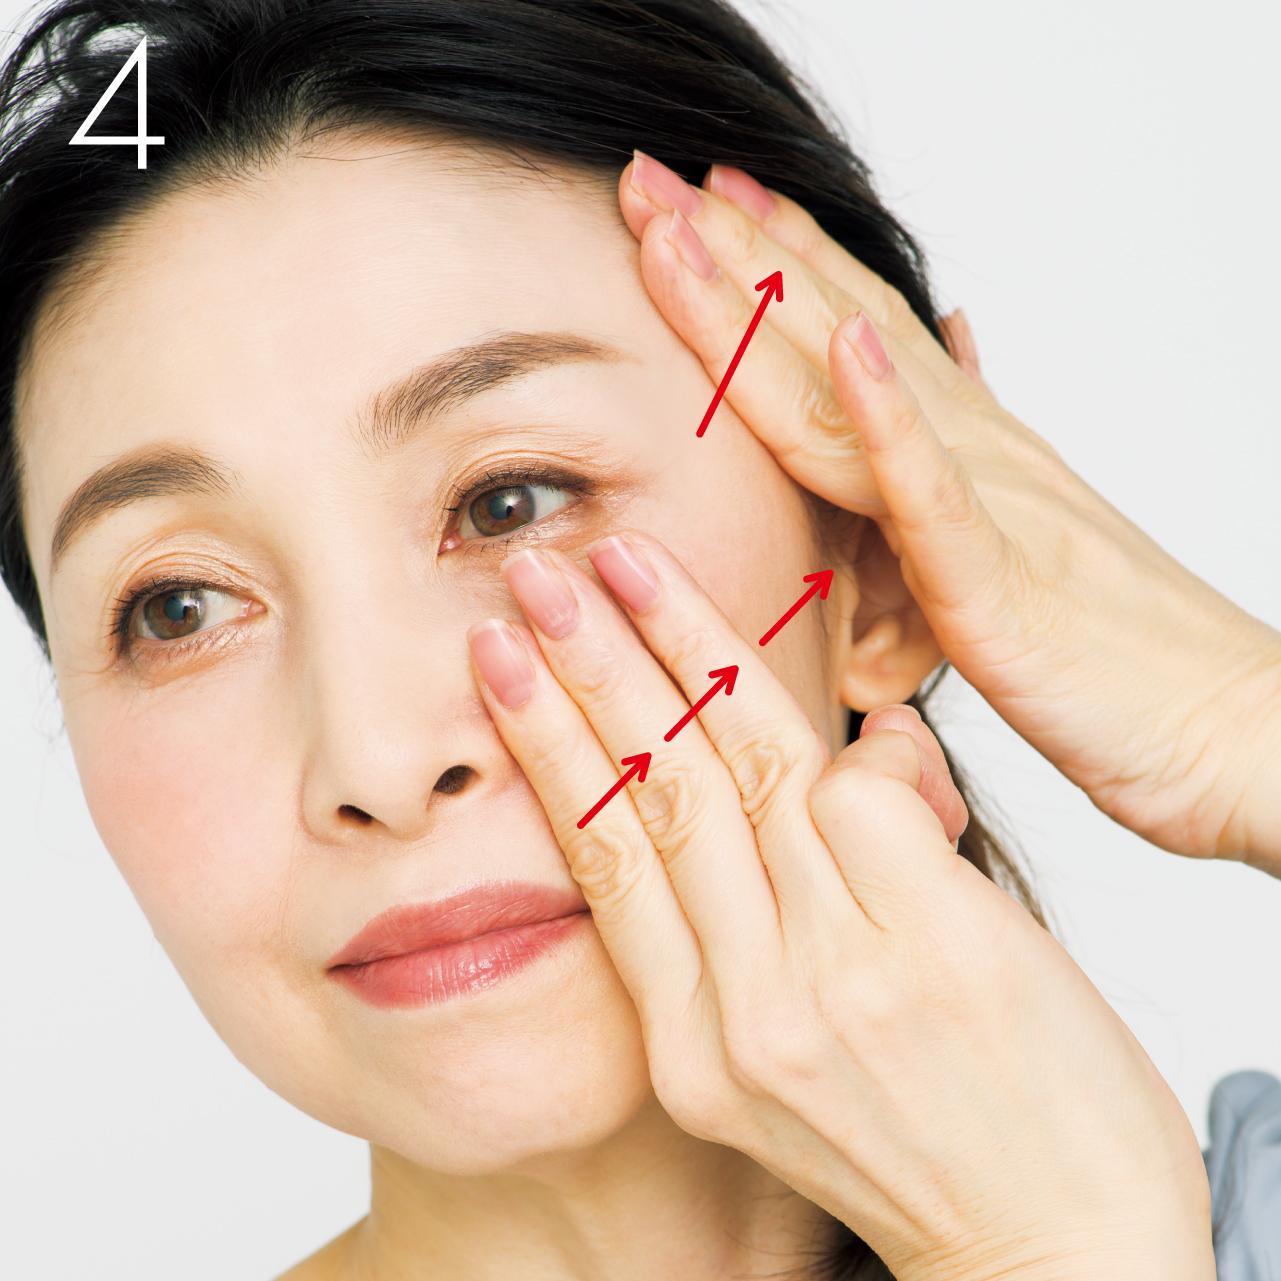 こめかみを3本指で引き上げ、ほうれい線→耳へと3本指で流す